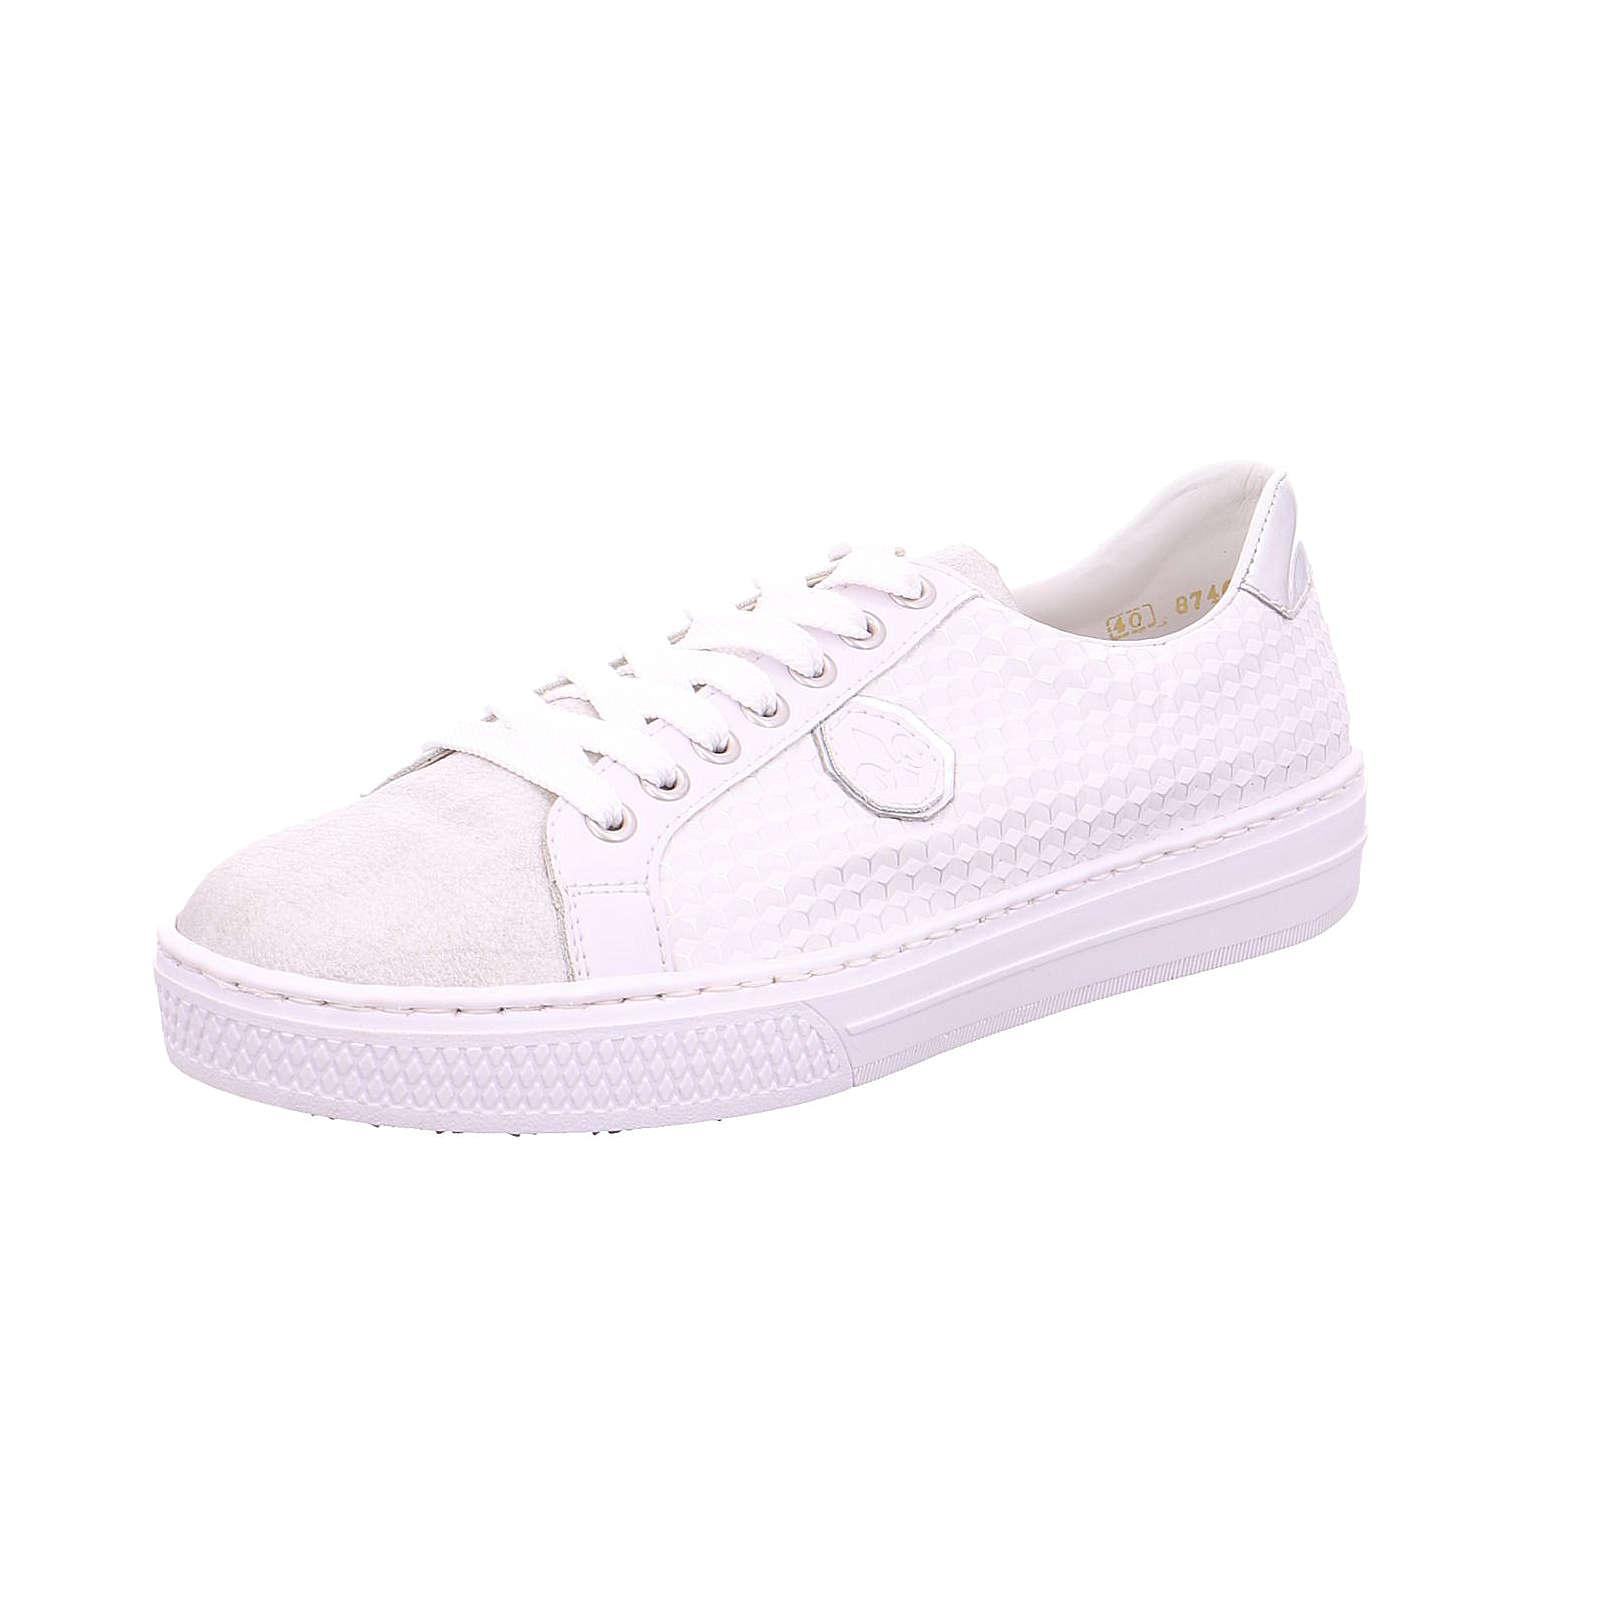 rieker Sneakers Low weiß Damen Gr. 39